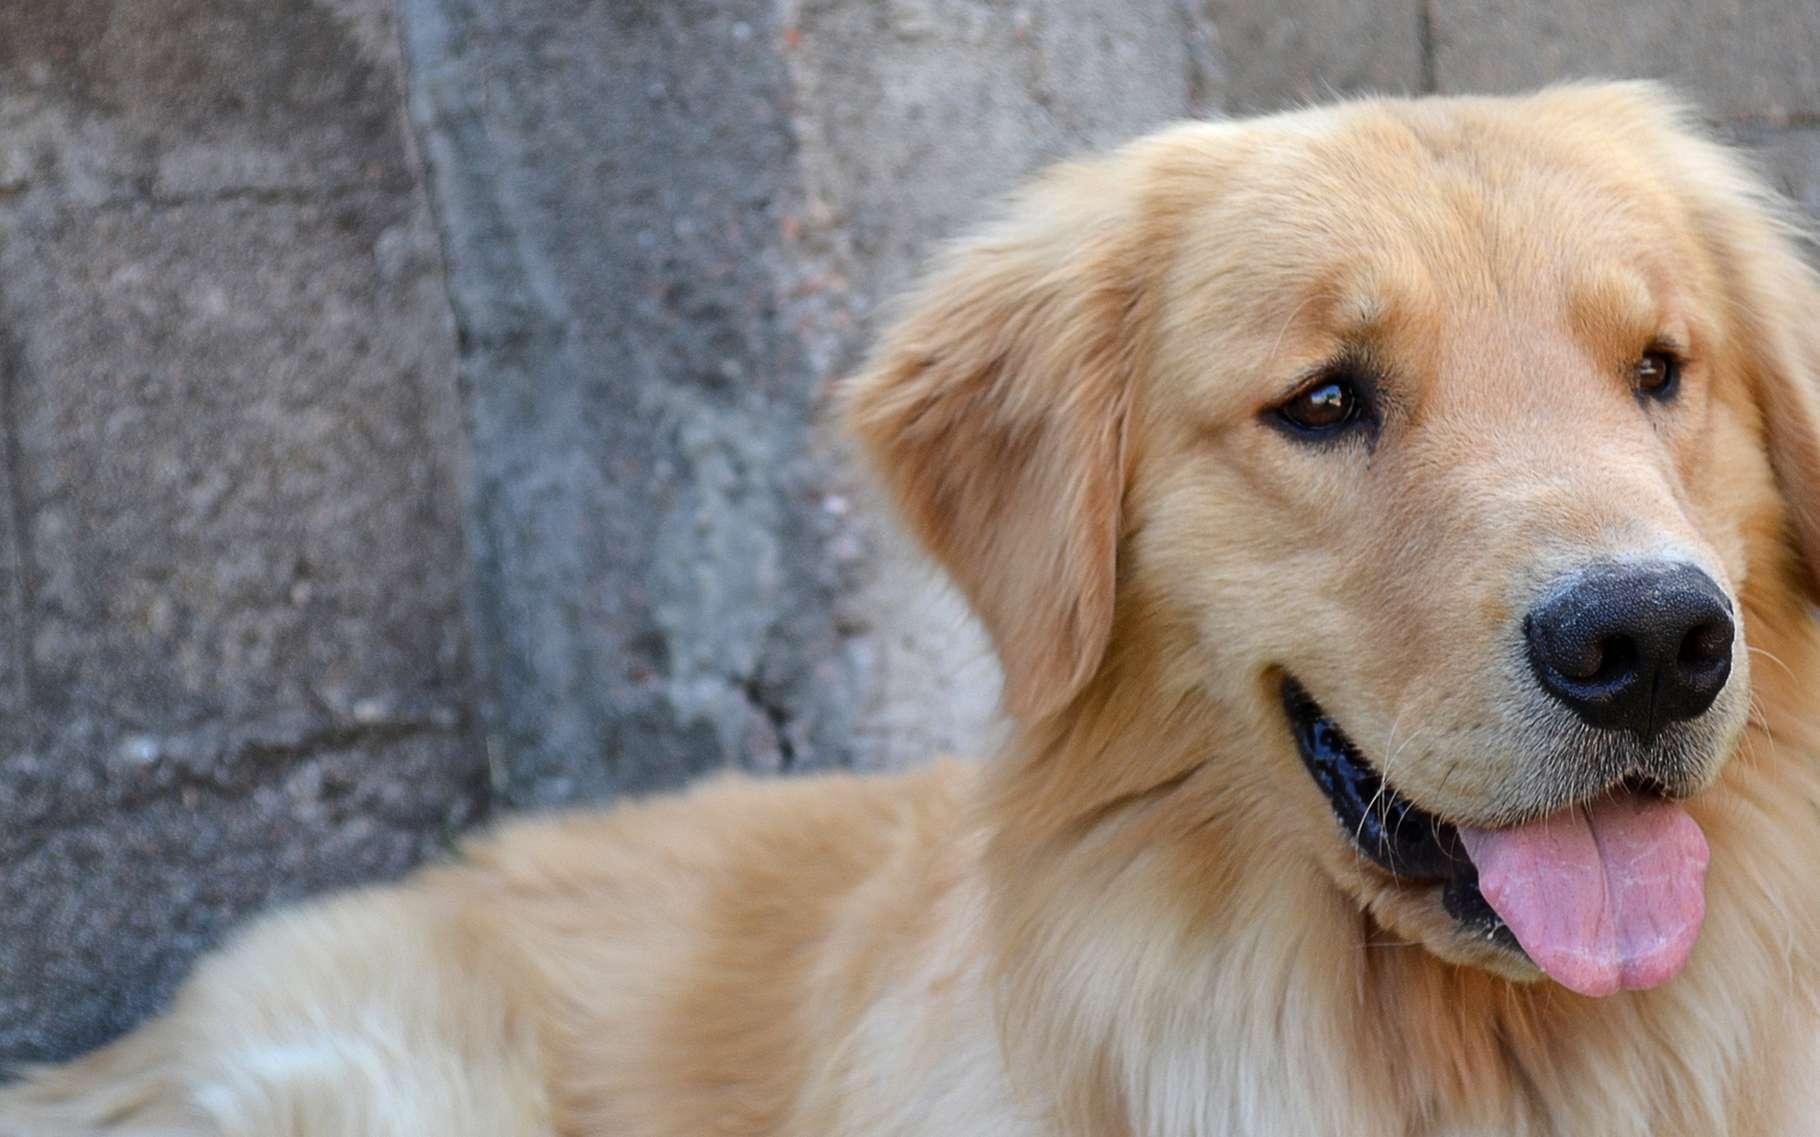 Le golden retriever est un des chiens préférés des Français. © Africa Studio, Shutterstock